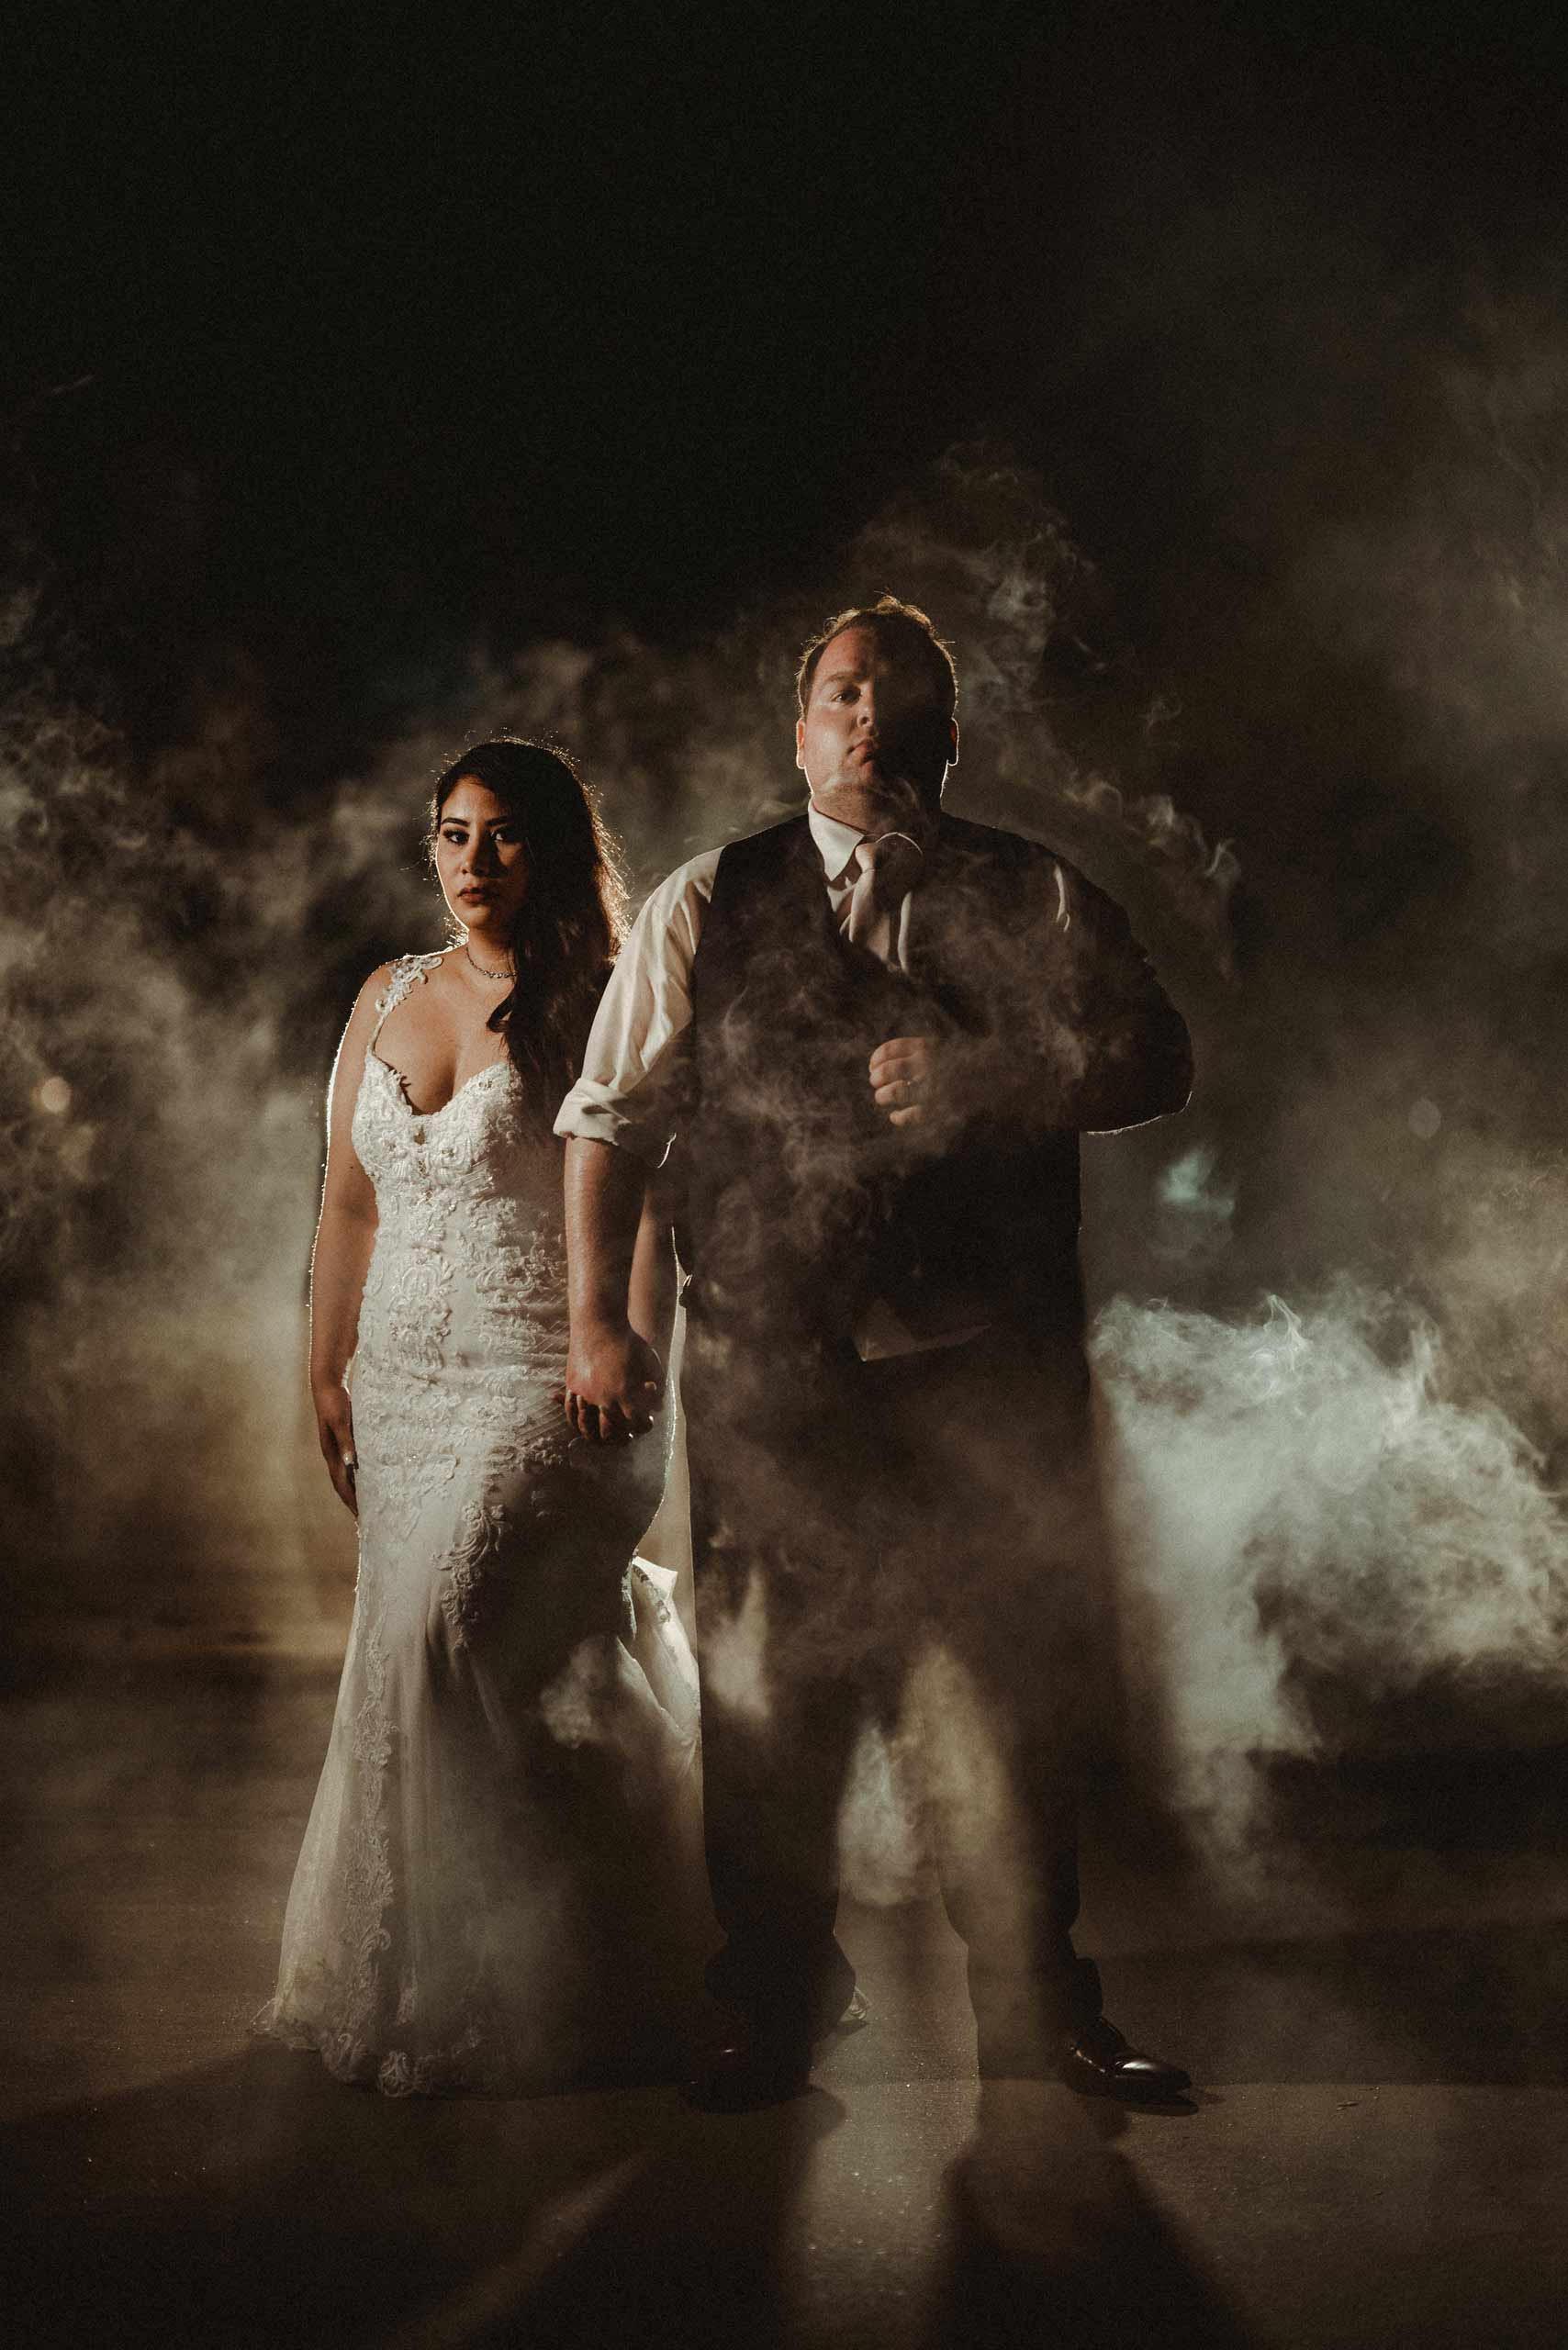 Bride and groom wedding photo with smoke effect